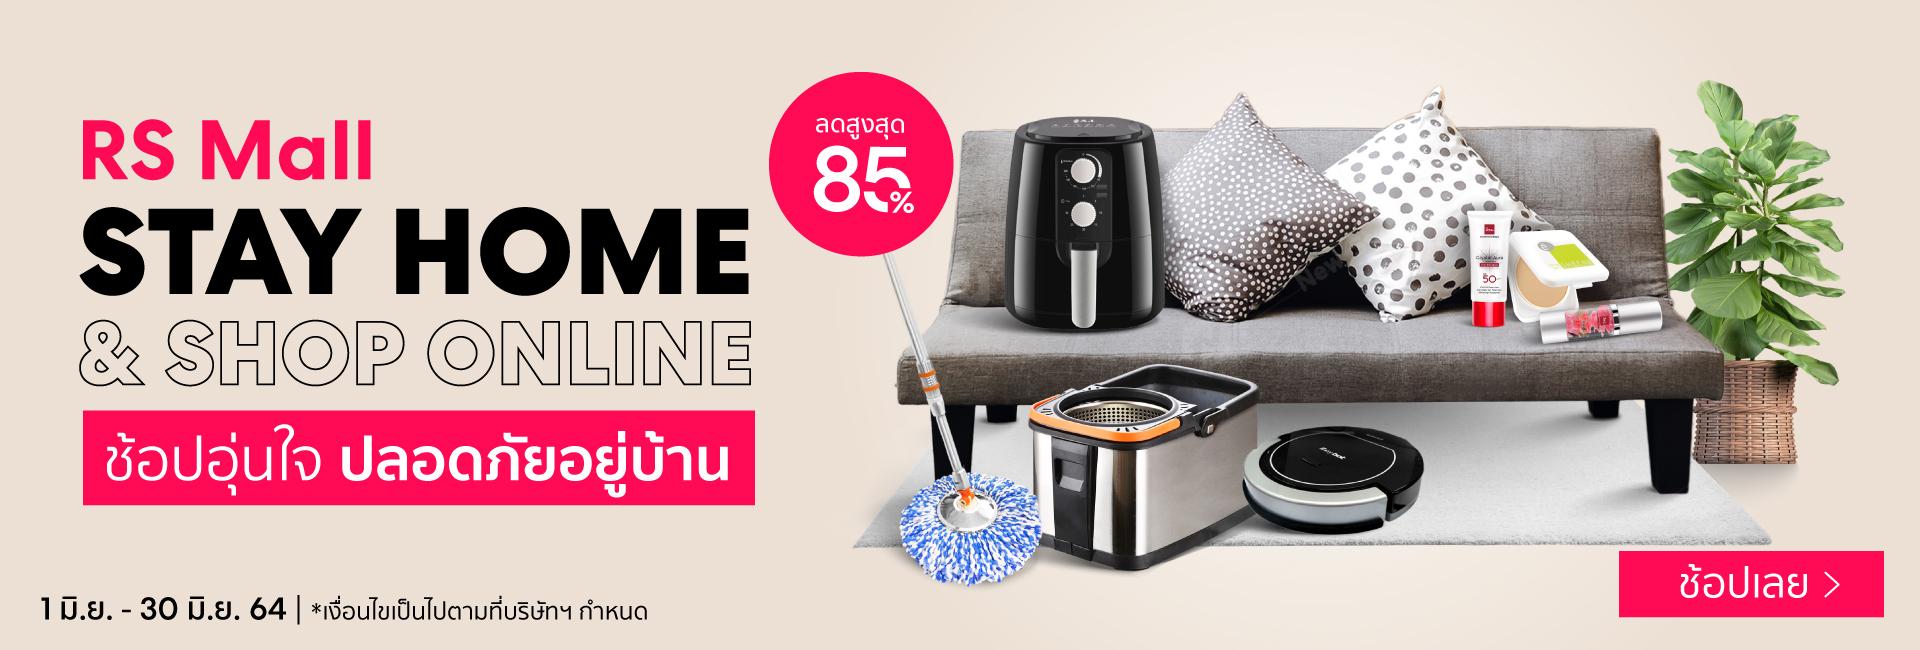 Stay Home & Shop Online : ช้อปอุ่นใจ ปลอดภัยอยู่บ้าน